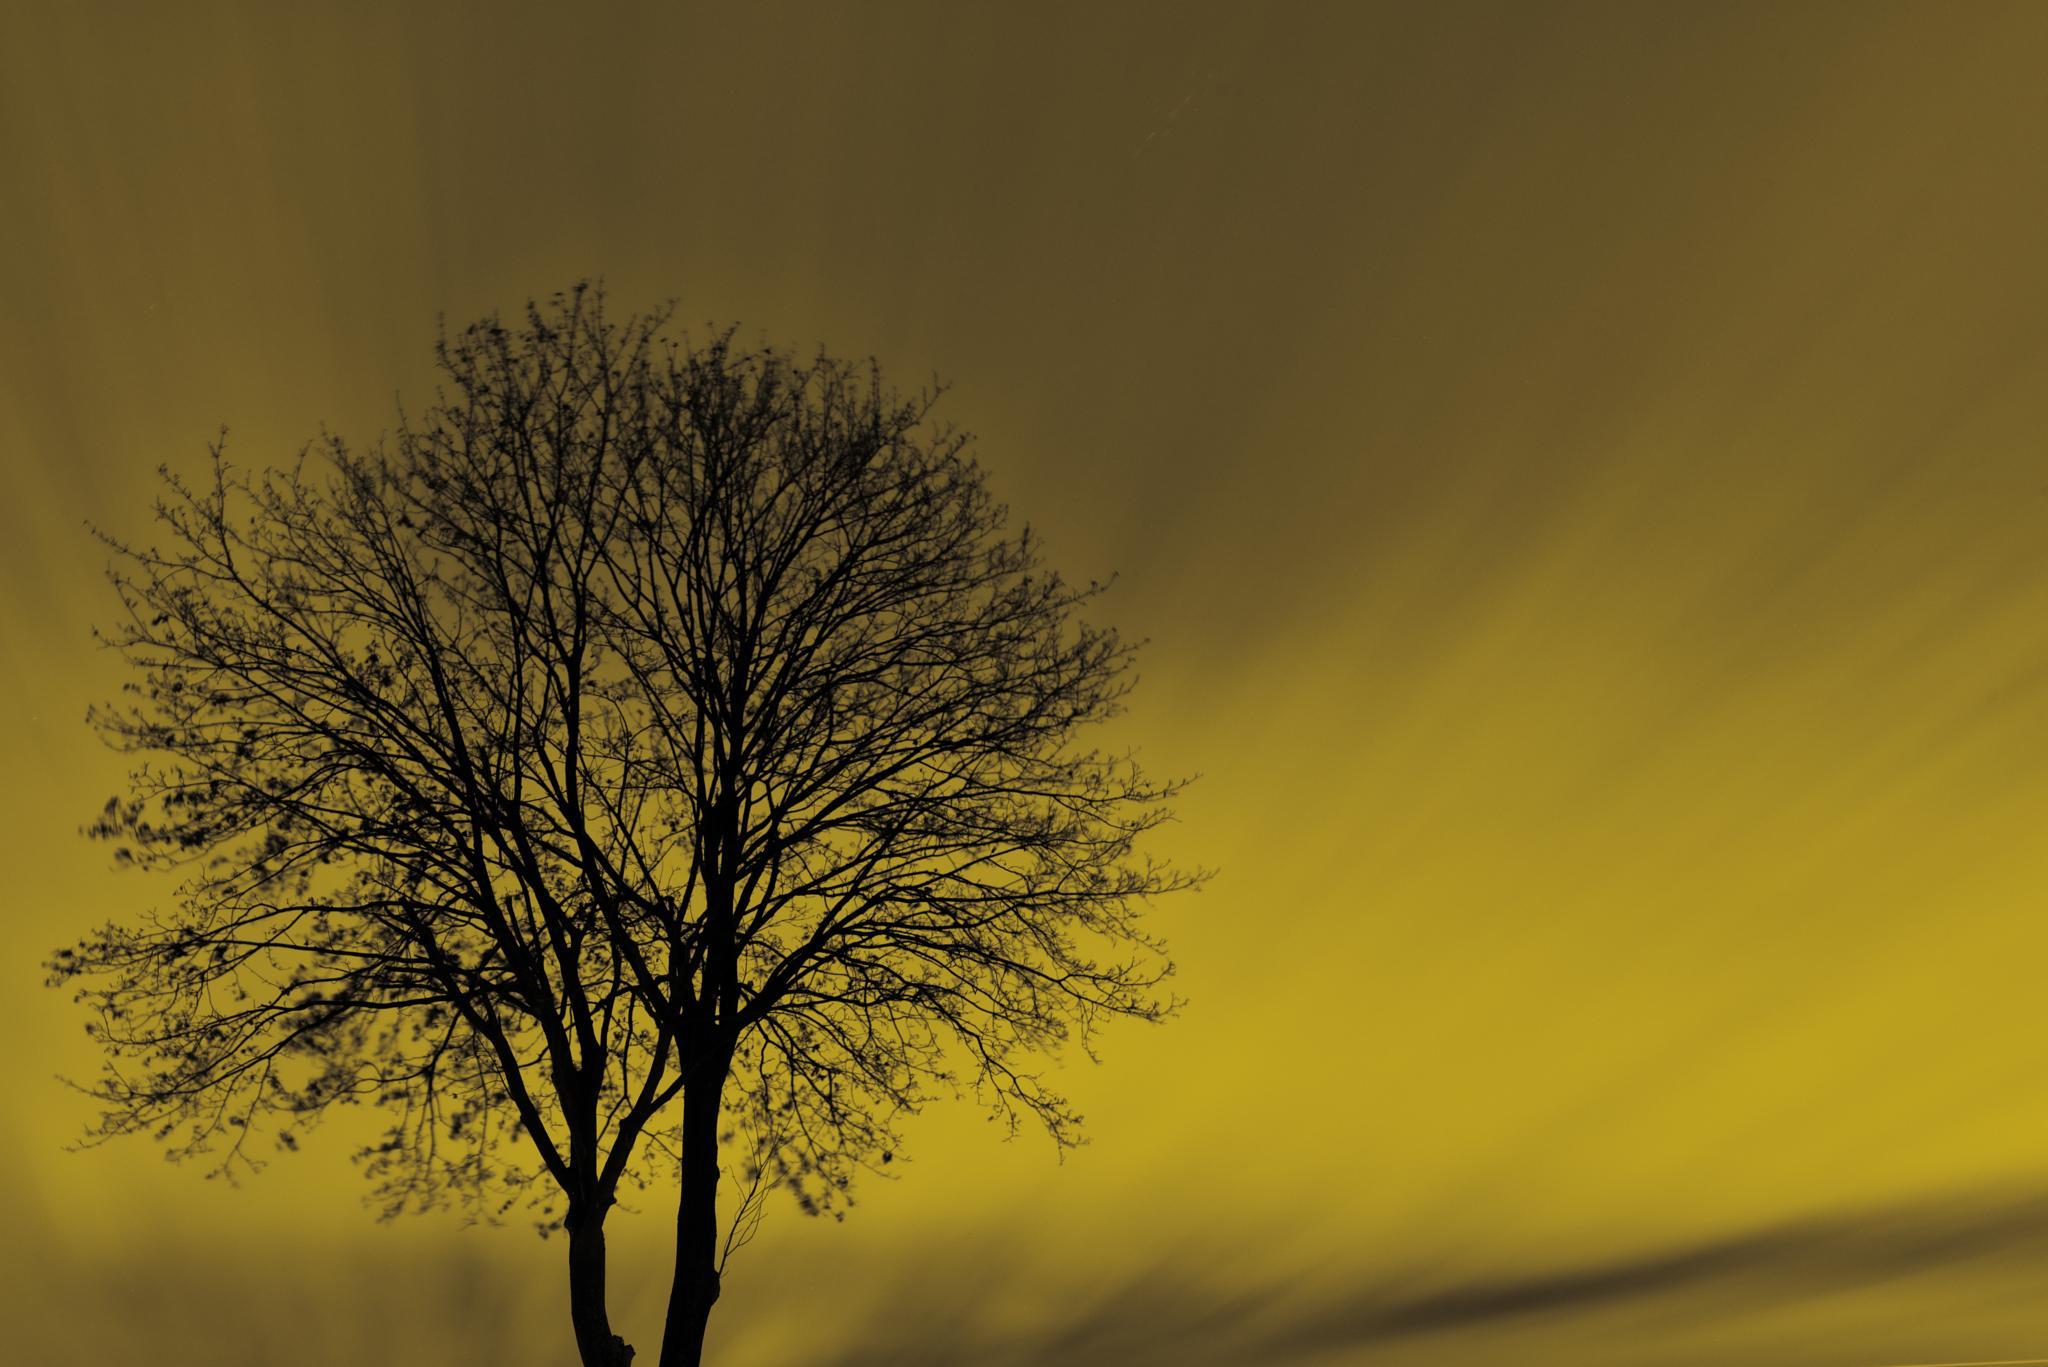 Tree by Joachim Lehmann